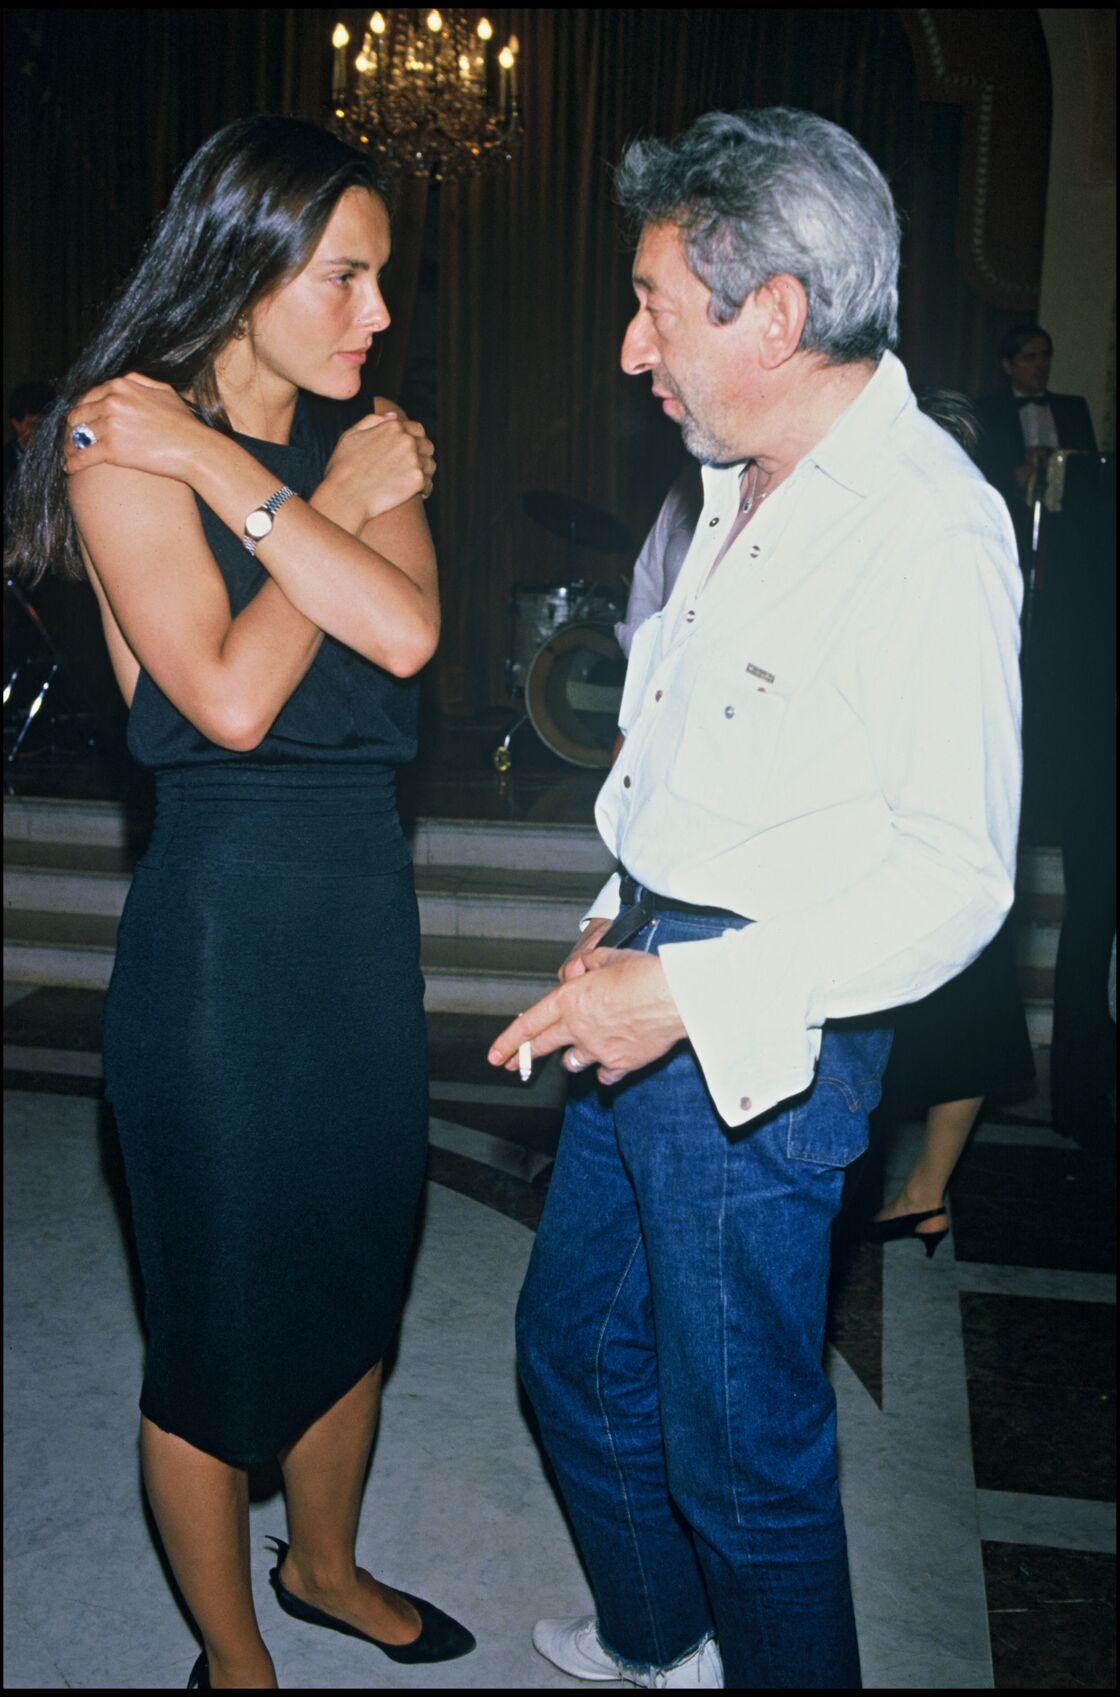 Serge Gainsbourg et ses pièces fétiches : un jean brut et une chemise blanche ample. Deux pièces devenues intemporelles pour l'homme et la femme